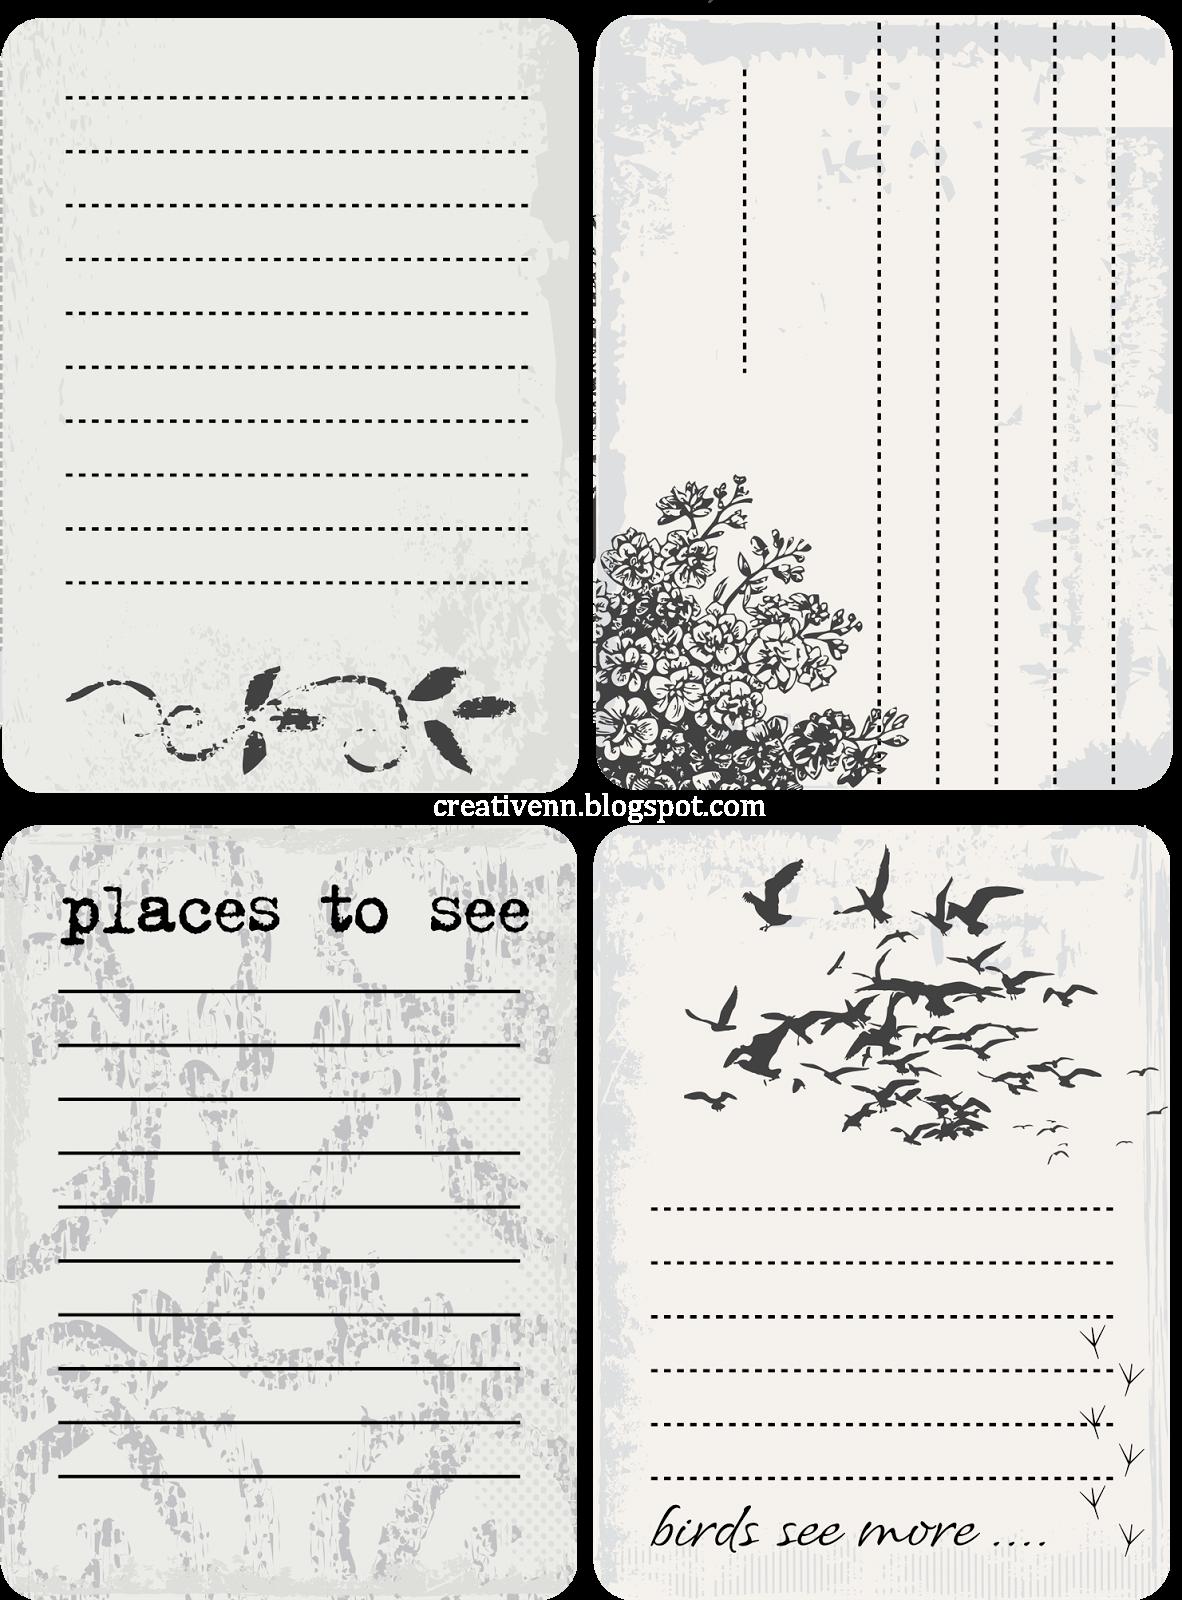 картинки для заметок черно белые помощью инструмента